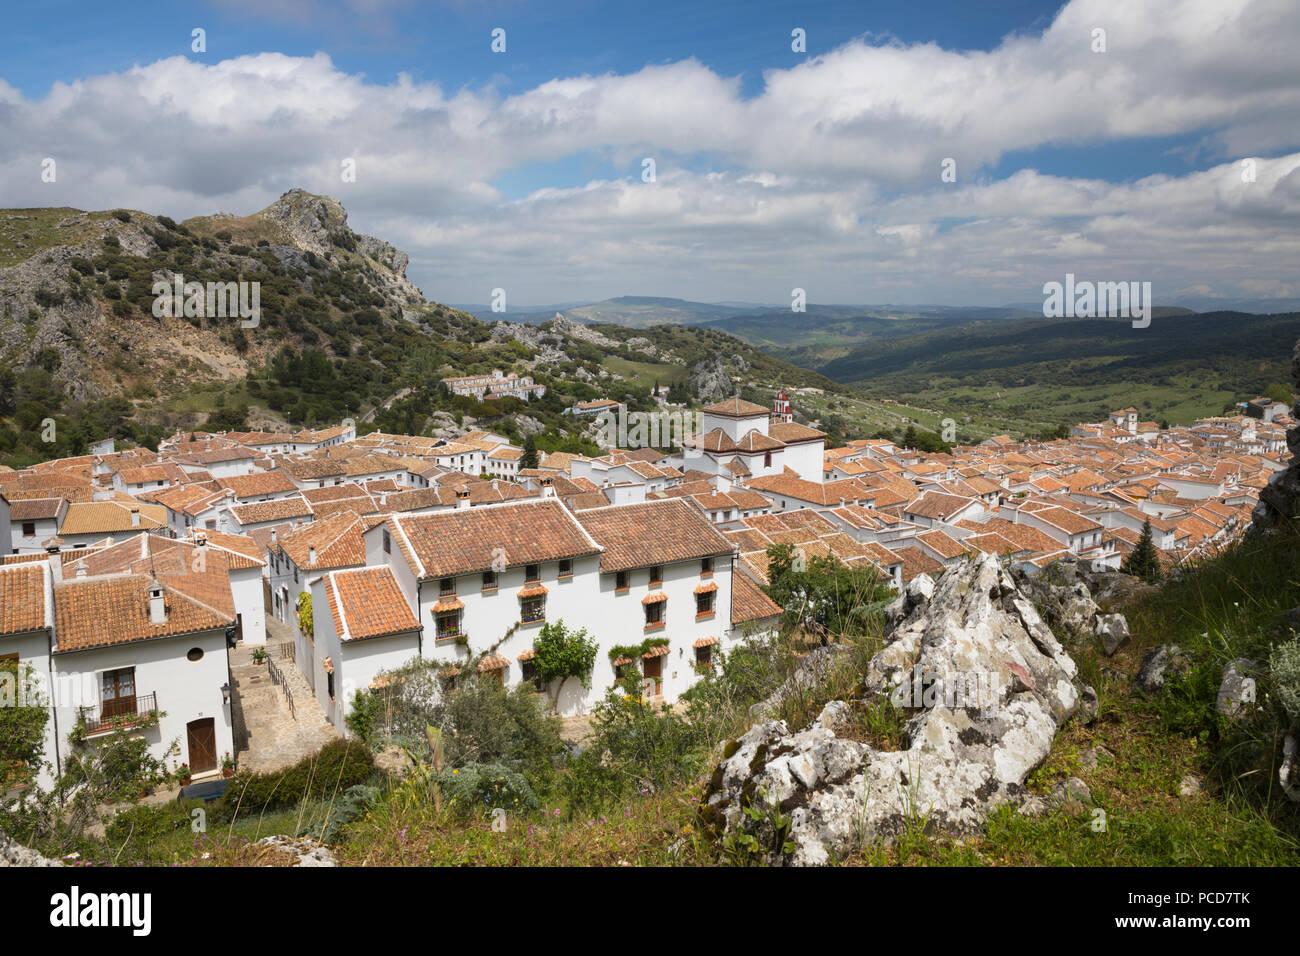 Vista sobre pueblo blanco andaluz, Grazalema, Parque Natural Sierra de Grazalema, Andalucia, España, Europa Imagen De Stock